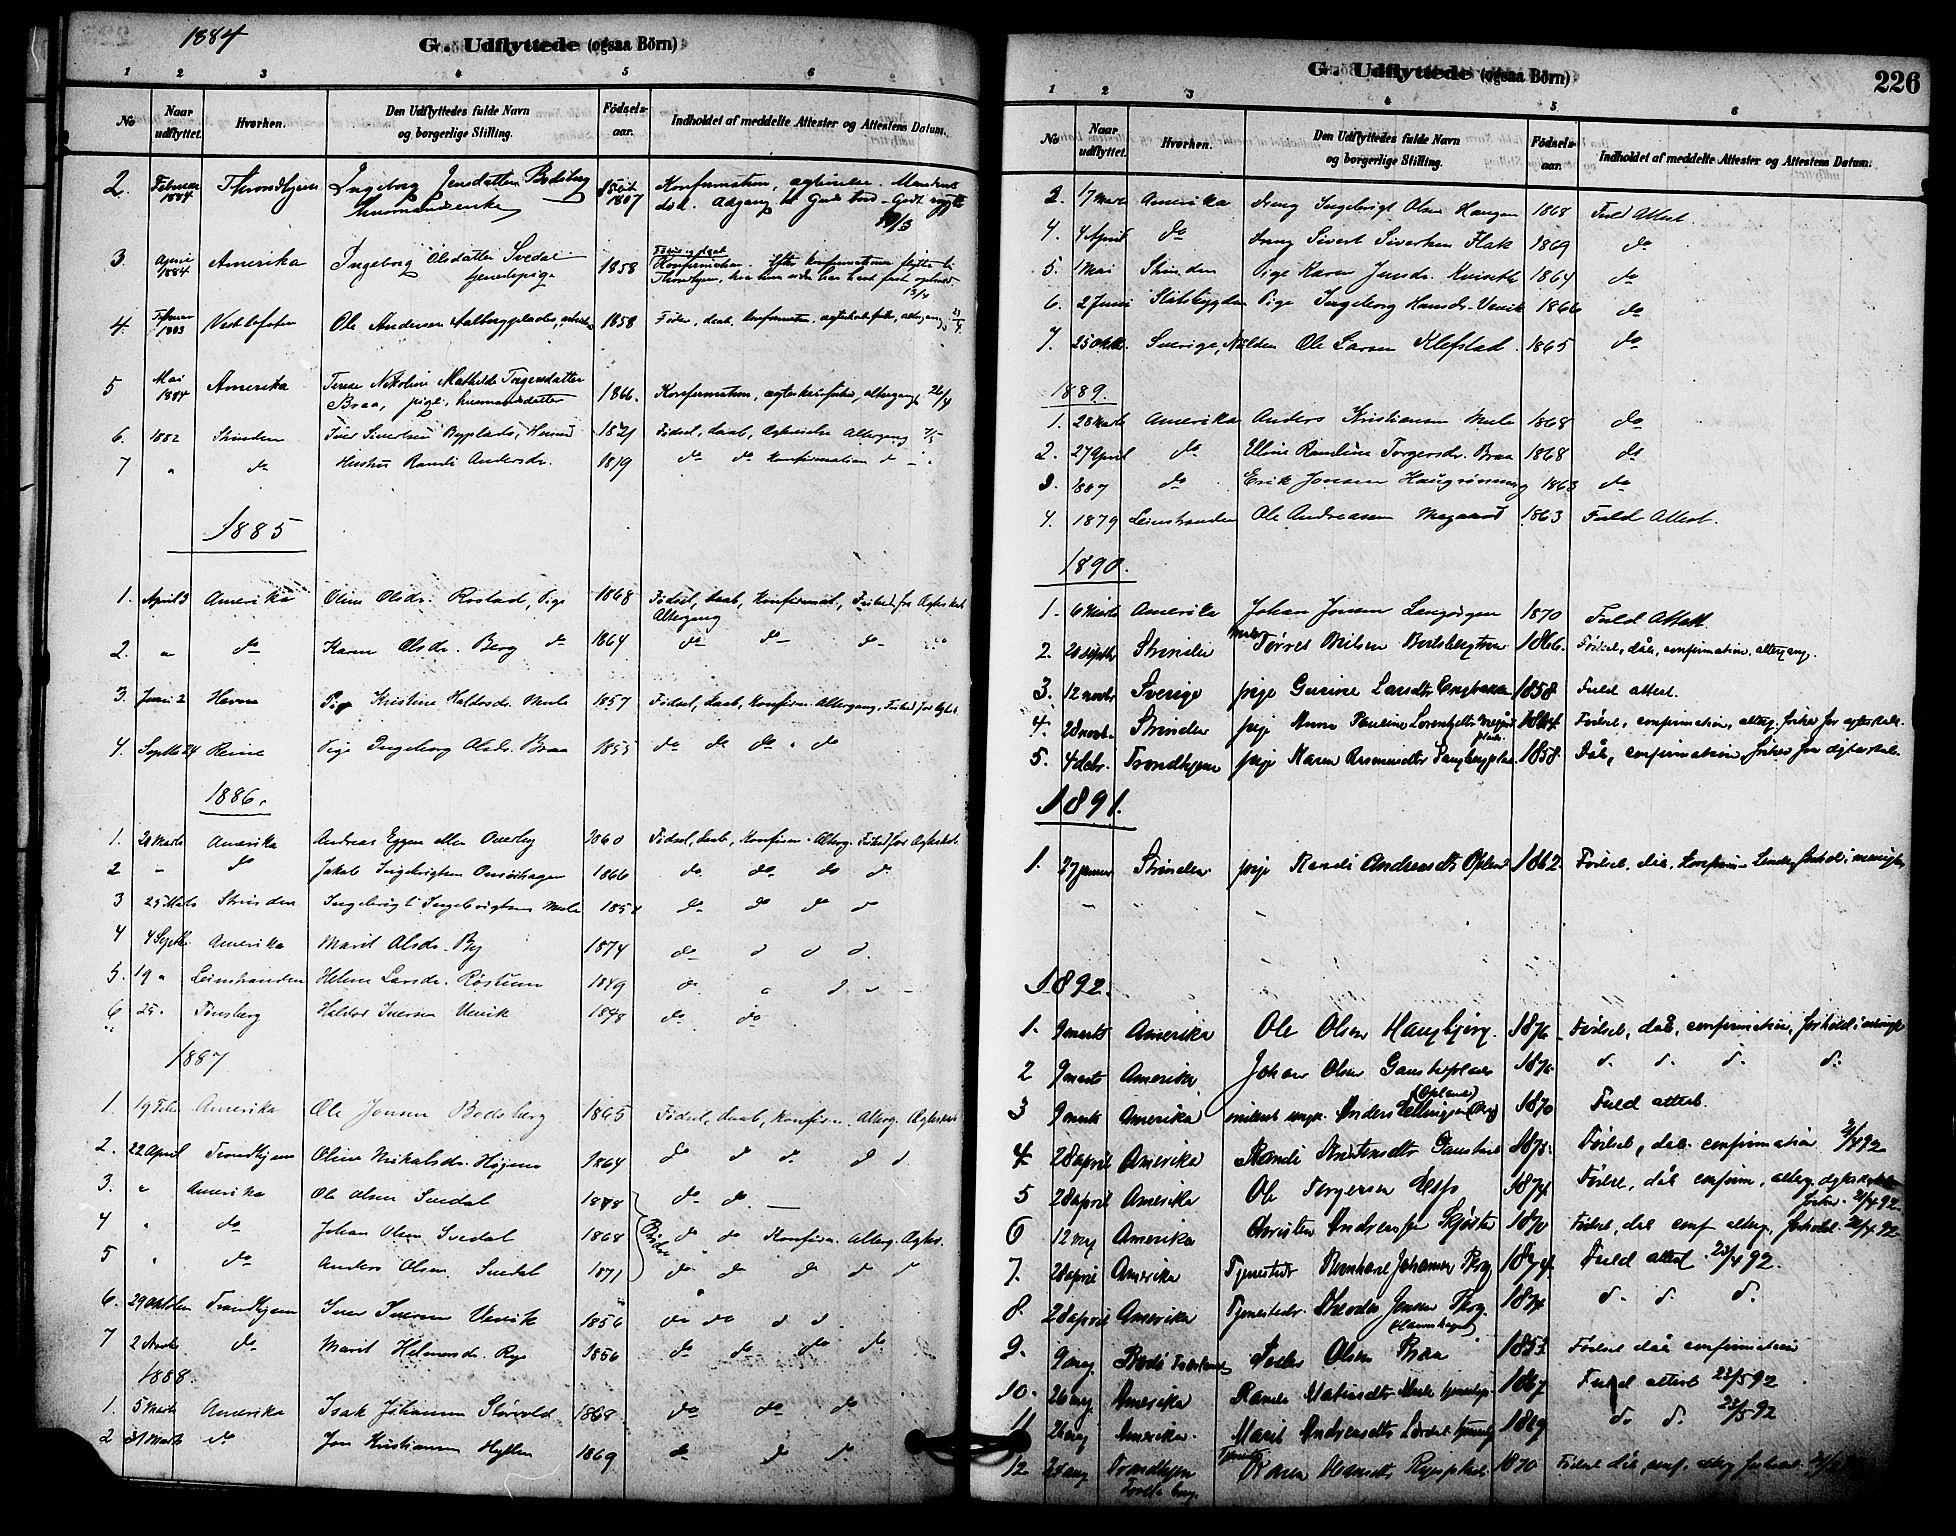 SAT, Ministerialprotokoller, klokkerbøker og fødselsregistre - Sør-Trøndelag, 612/L0378: Ministerialbok nr. 612A10, 1878-1897, s. 226